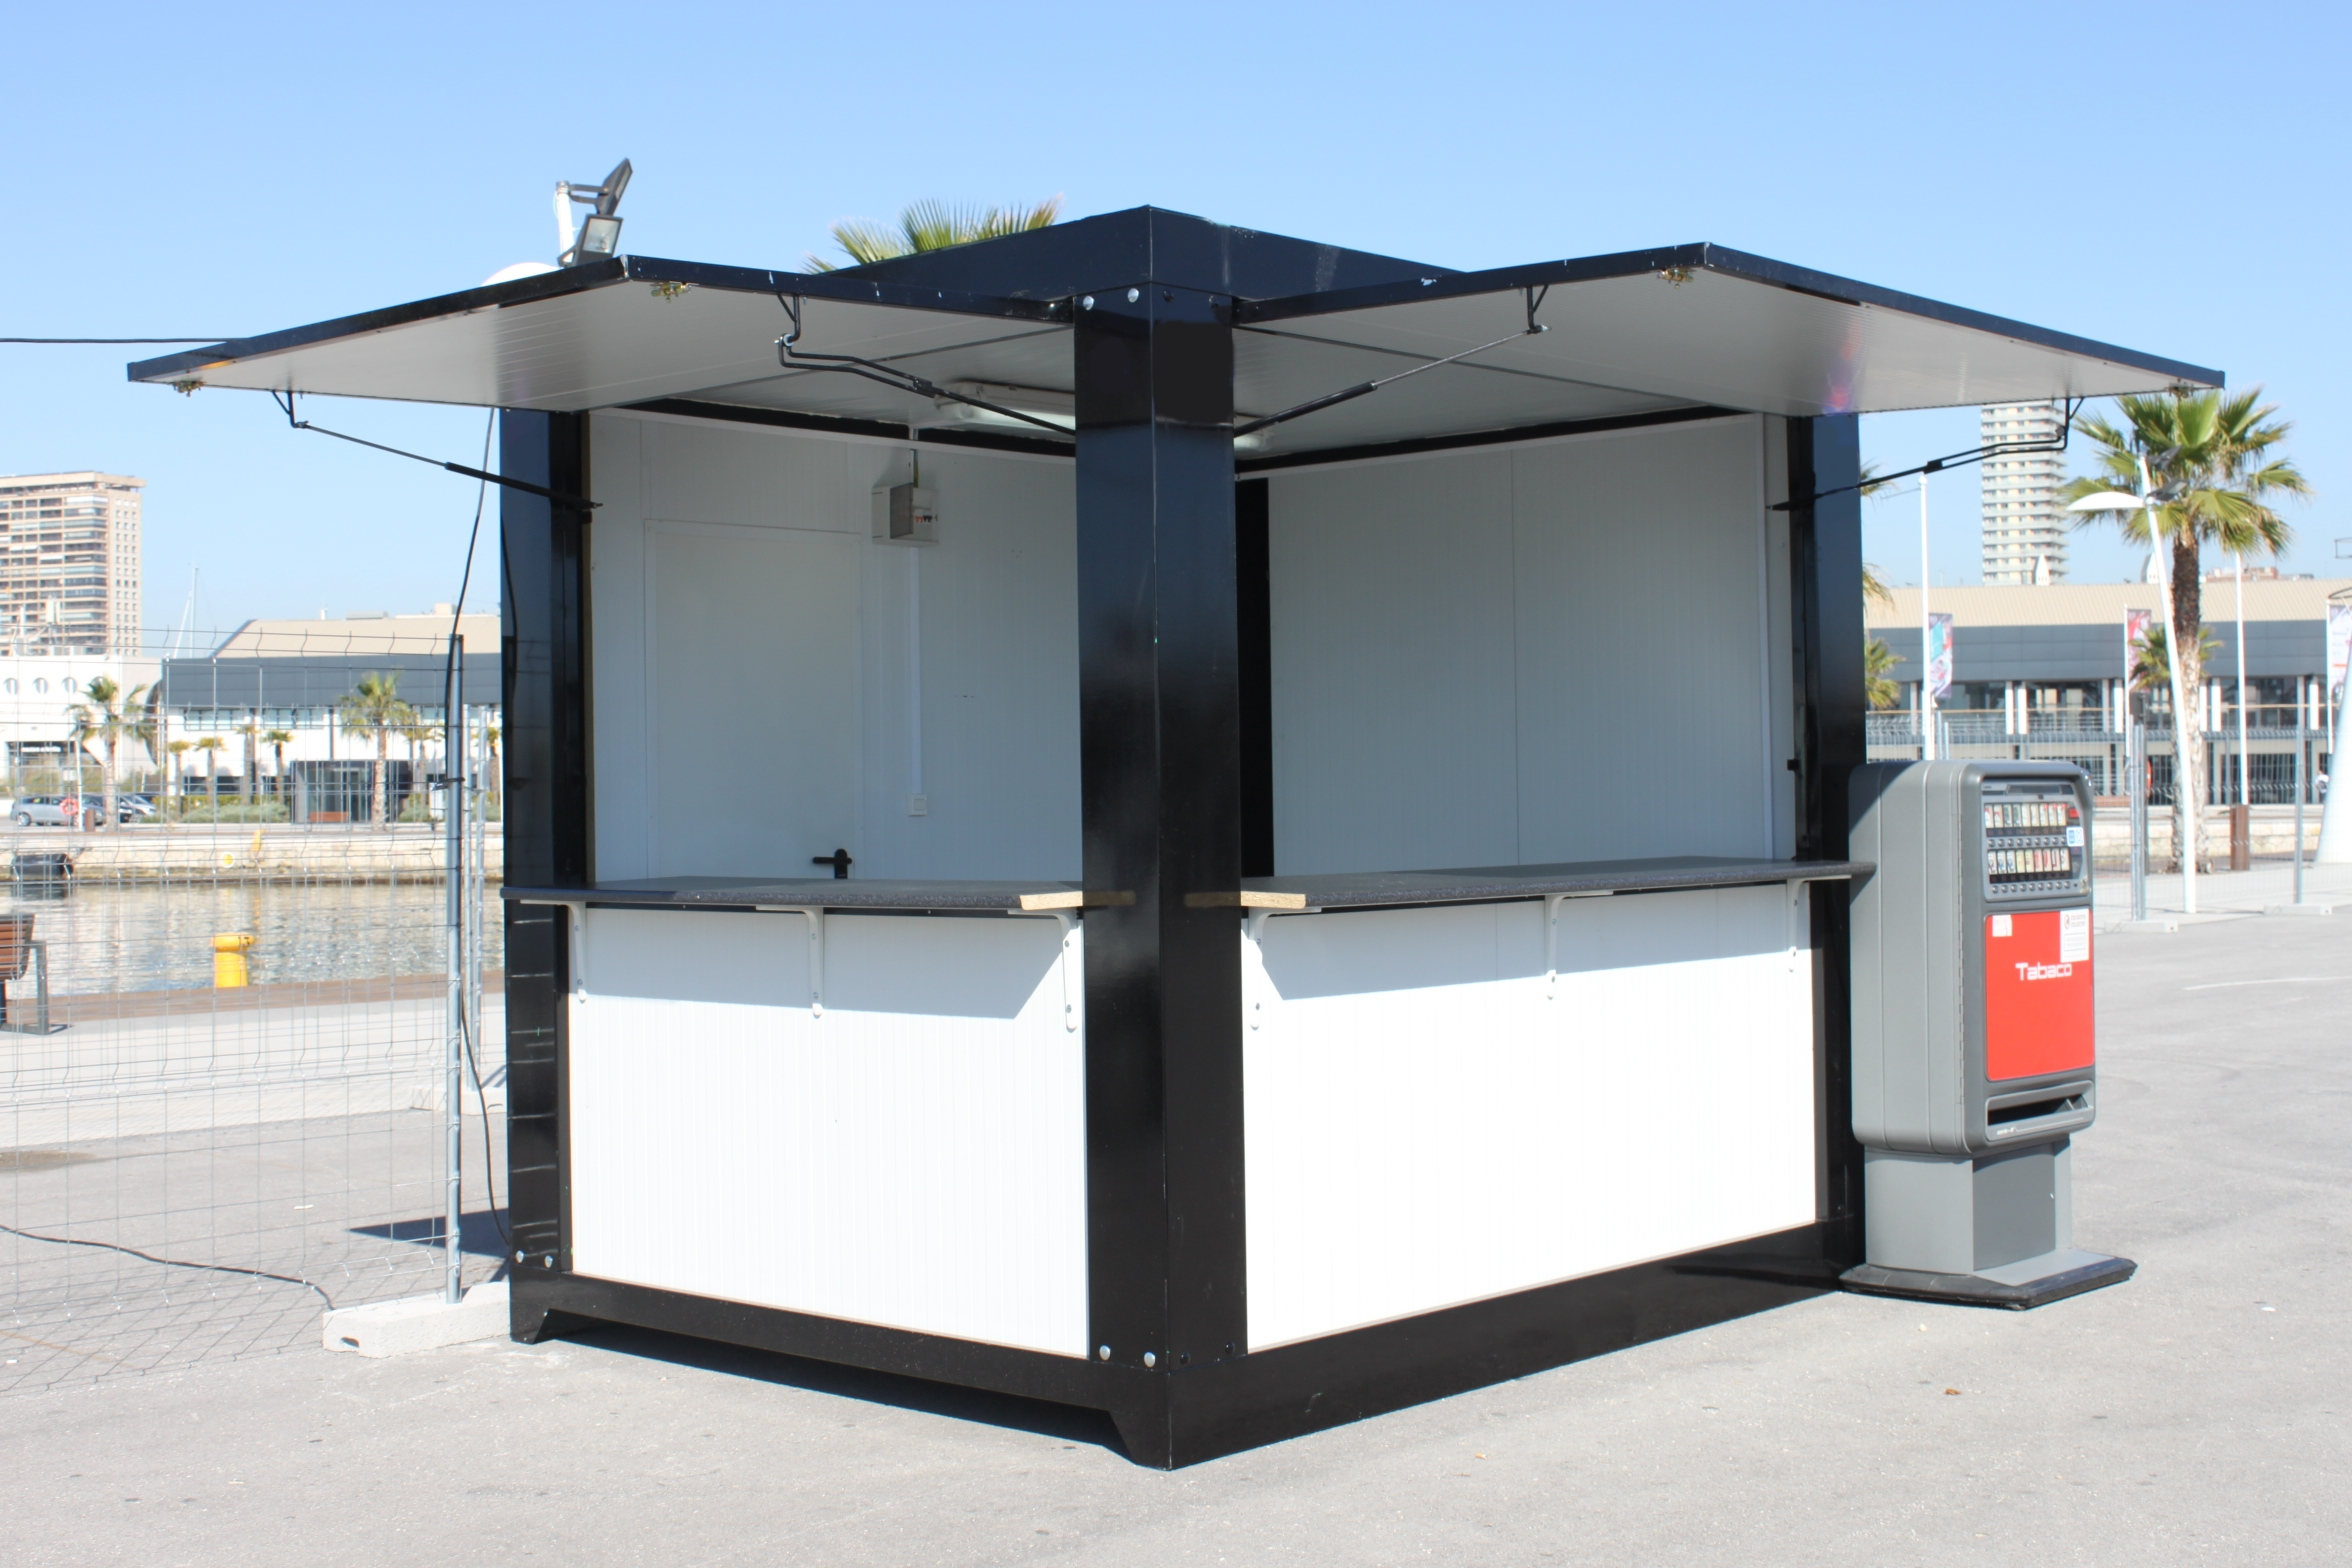 Alquiler de casetas bar o kiosko infraestructura para - Casetas de metal ...